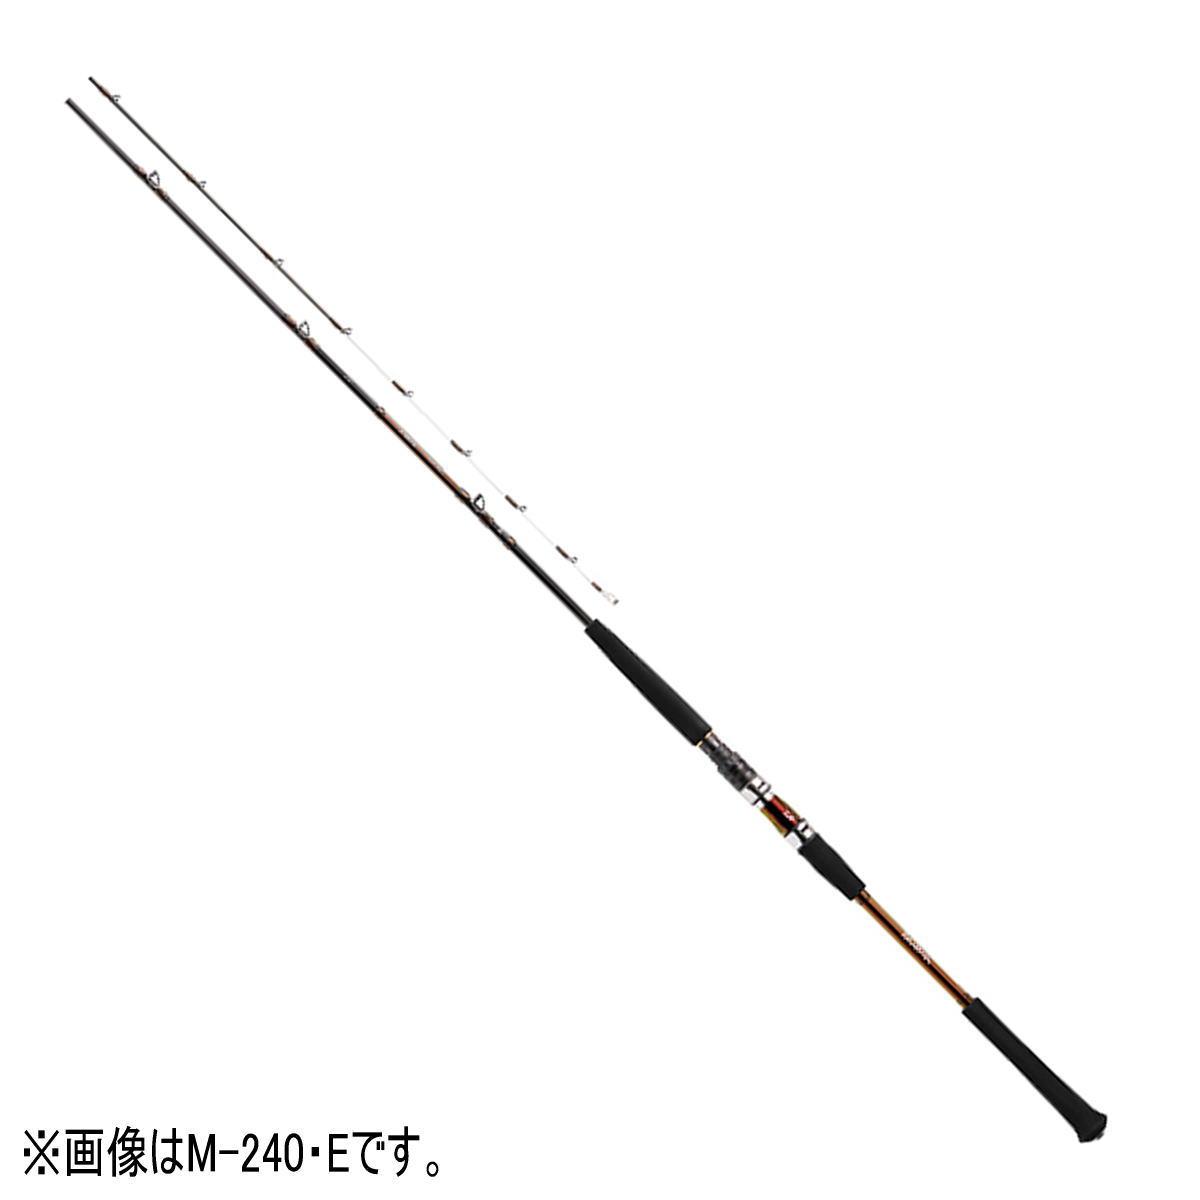 ダイワ ロッド A-ブリッツ ネライ H-240・E 【6】【※大型商品の為同梱不可】